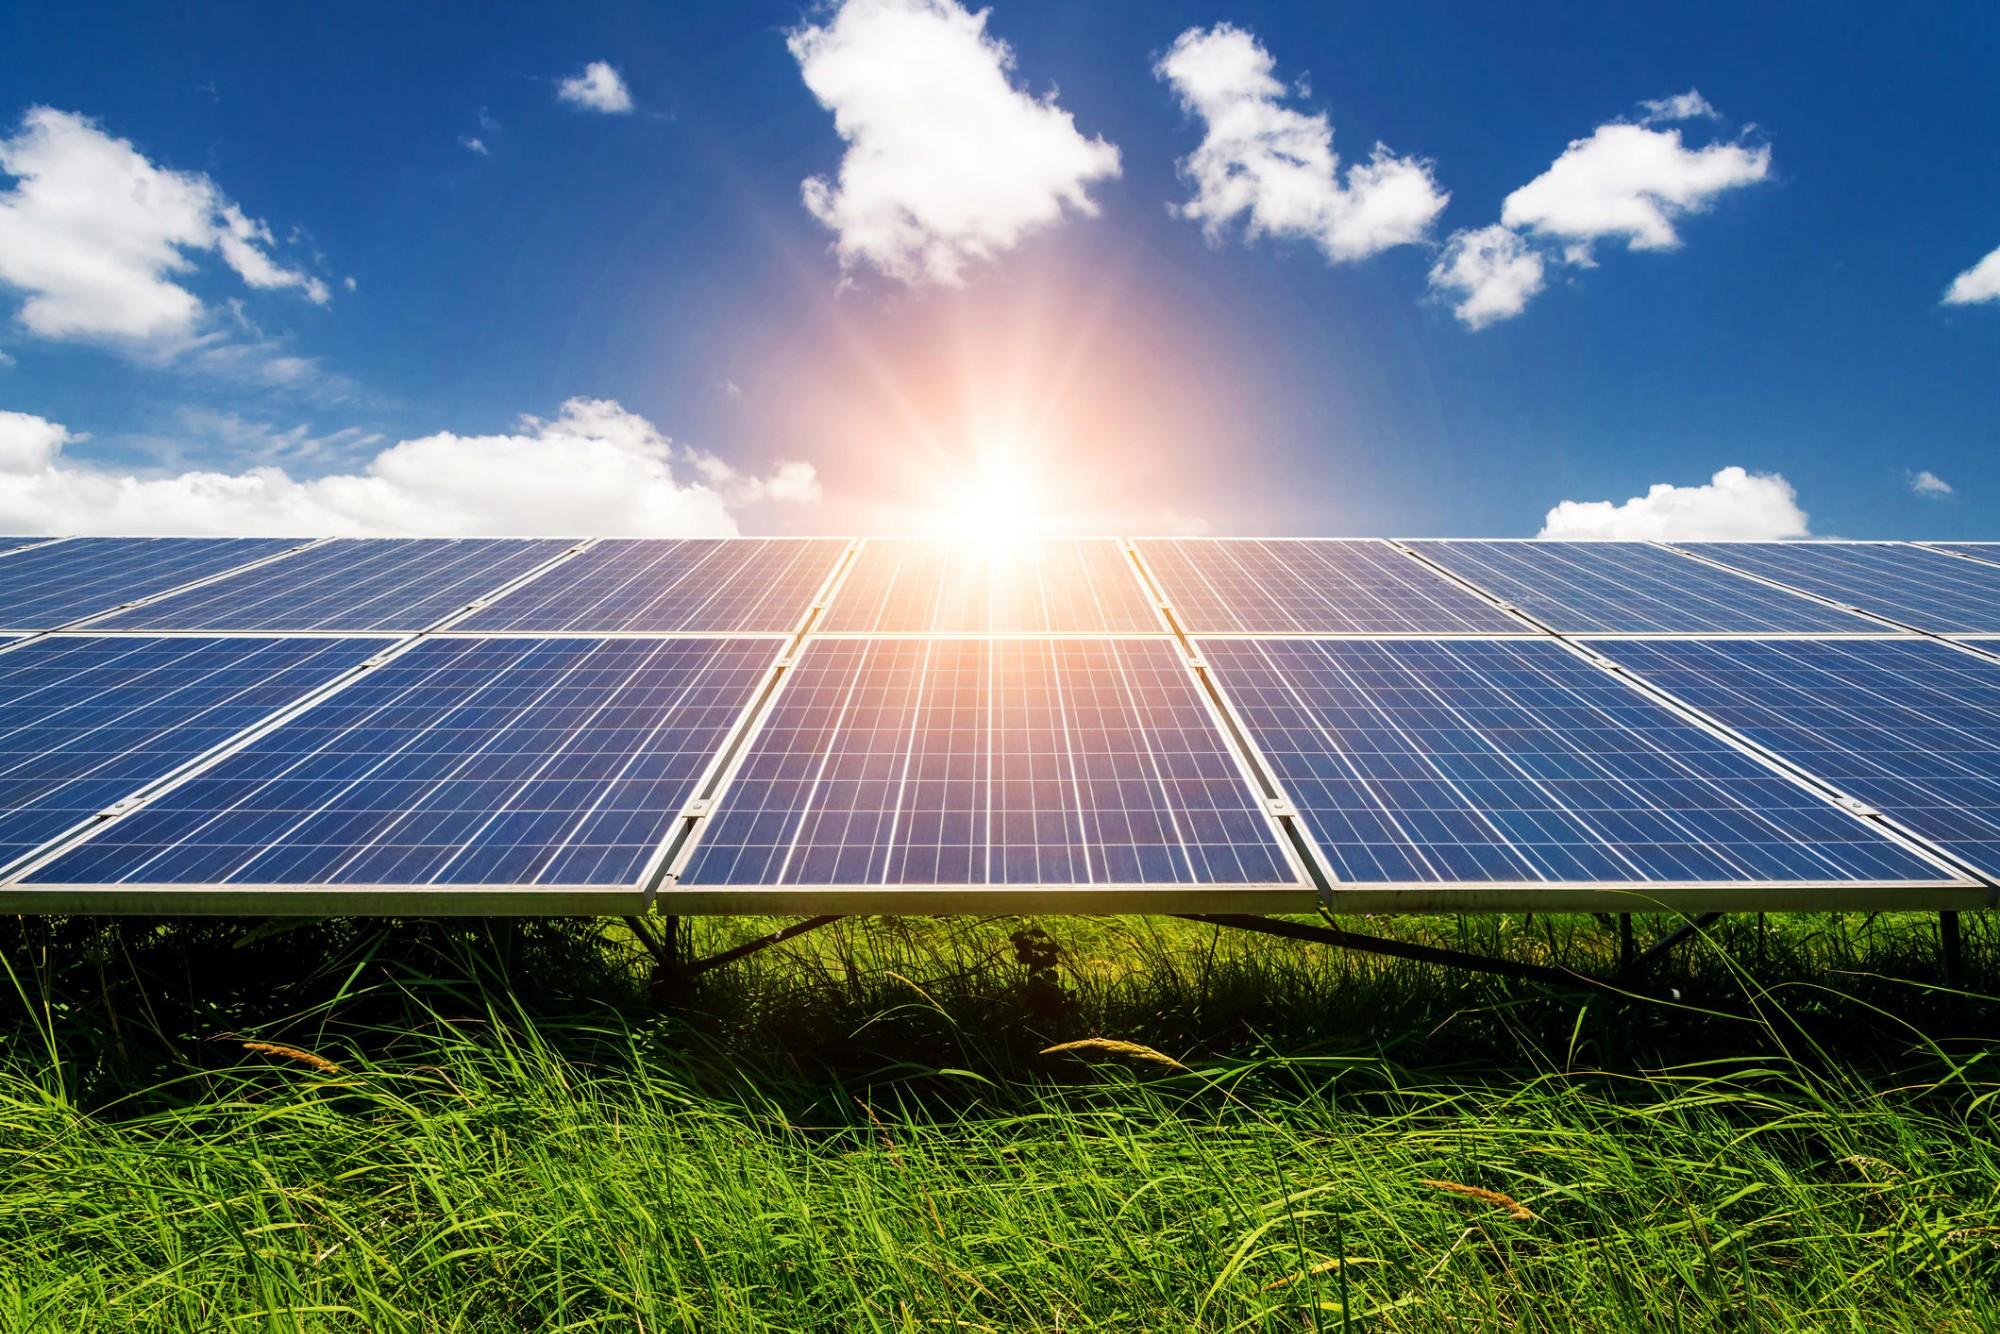 财政部关于提前下达2021年可再生能源电价附加补助资金预算的通知